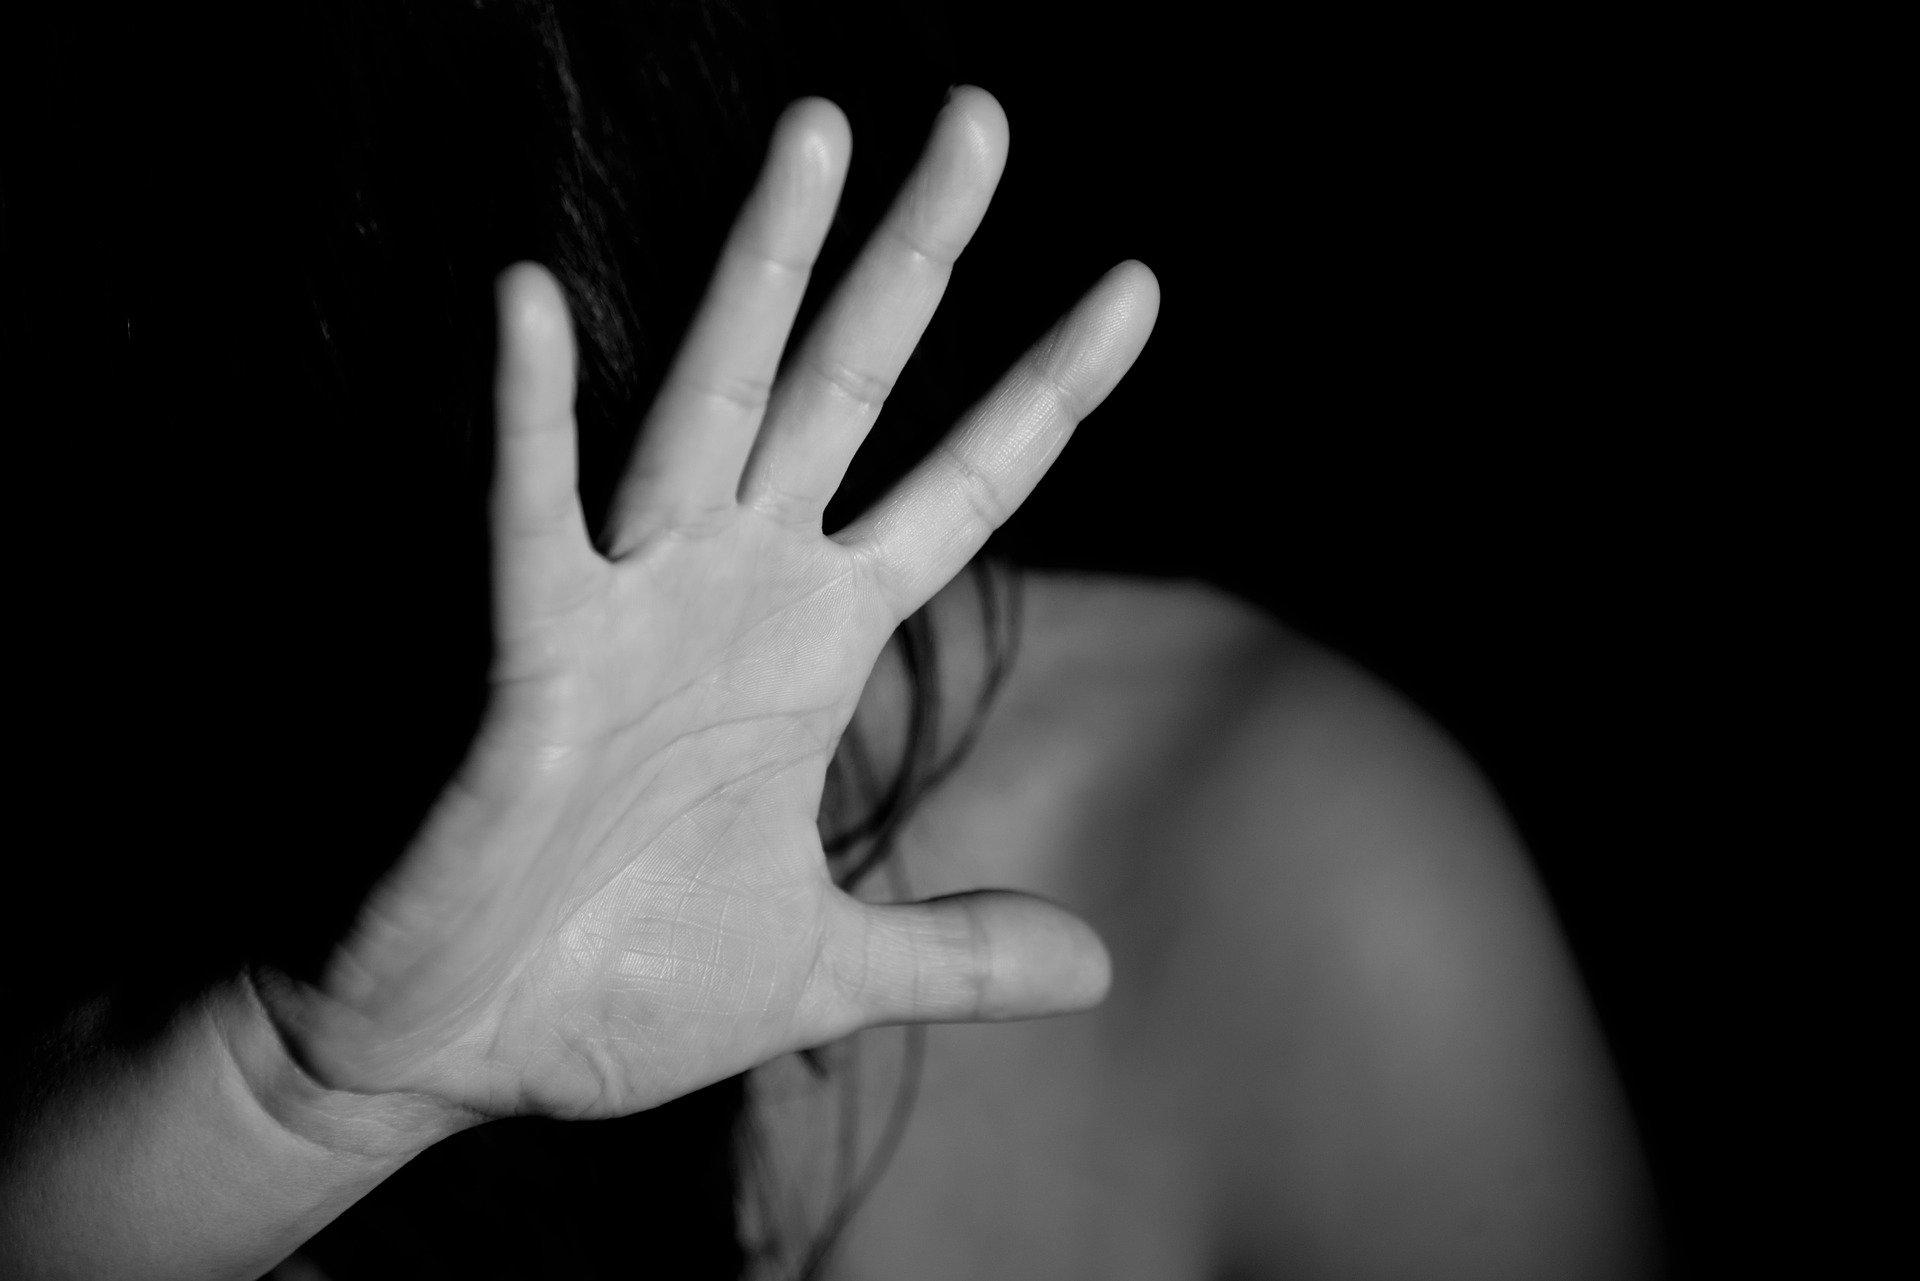 Imagen de la mano de una mujer